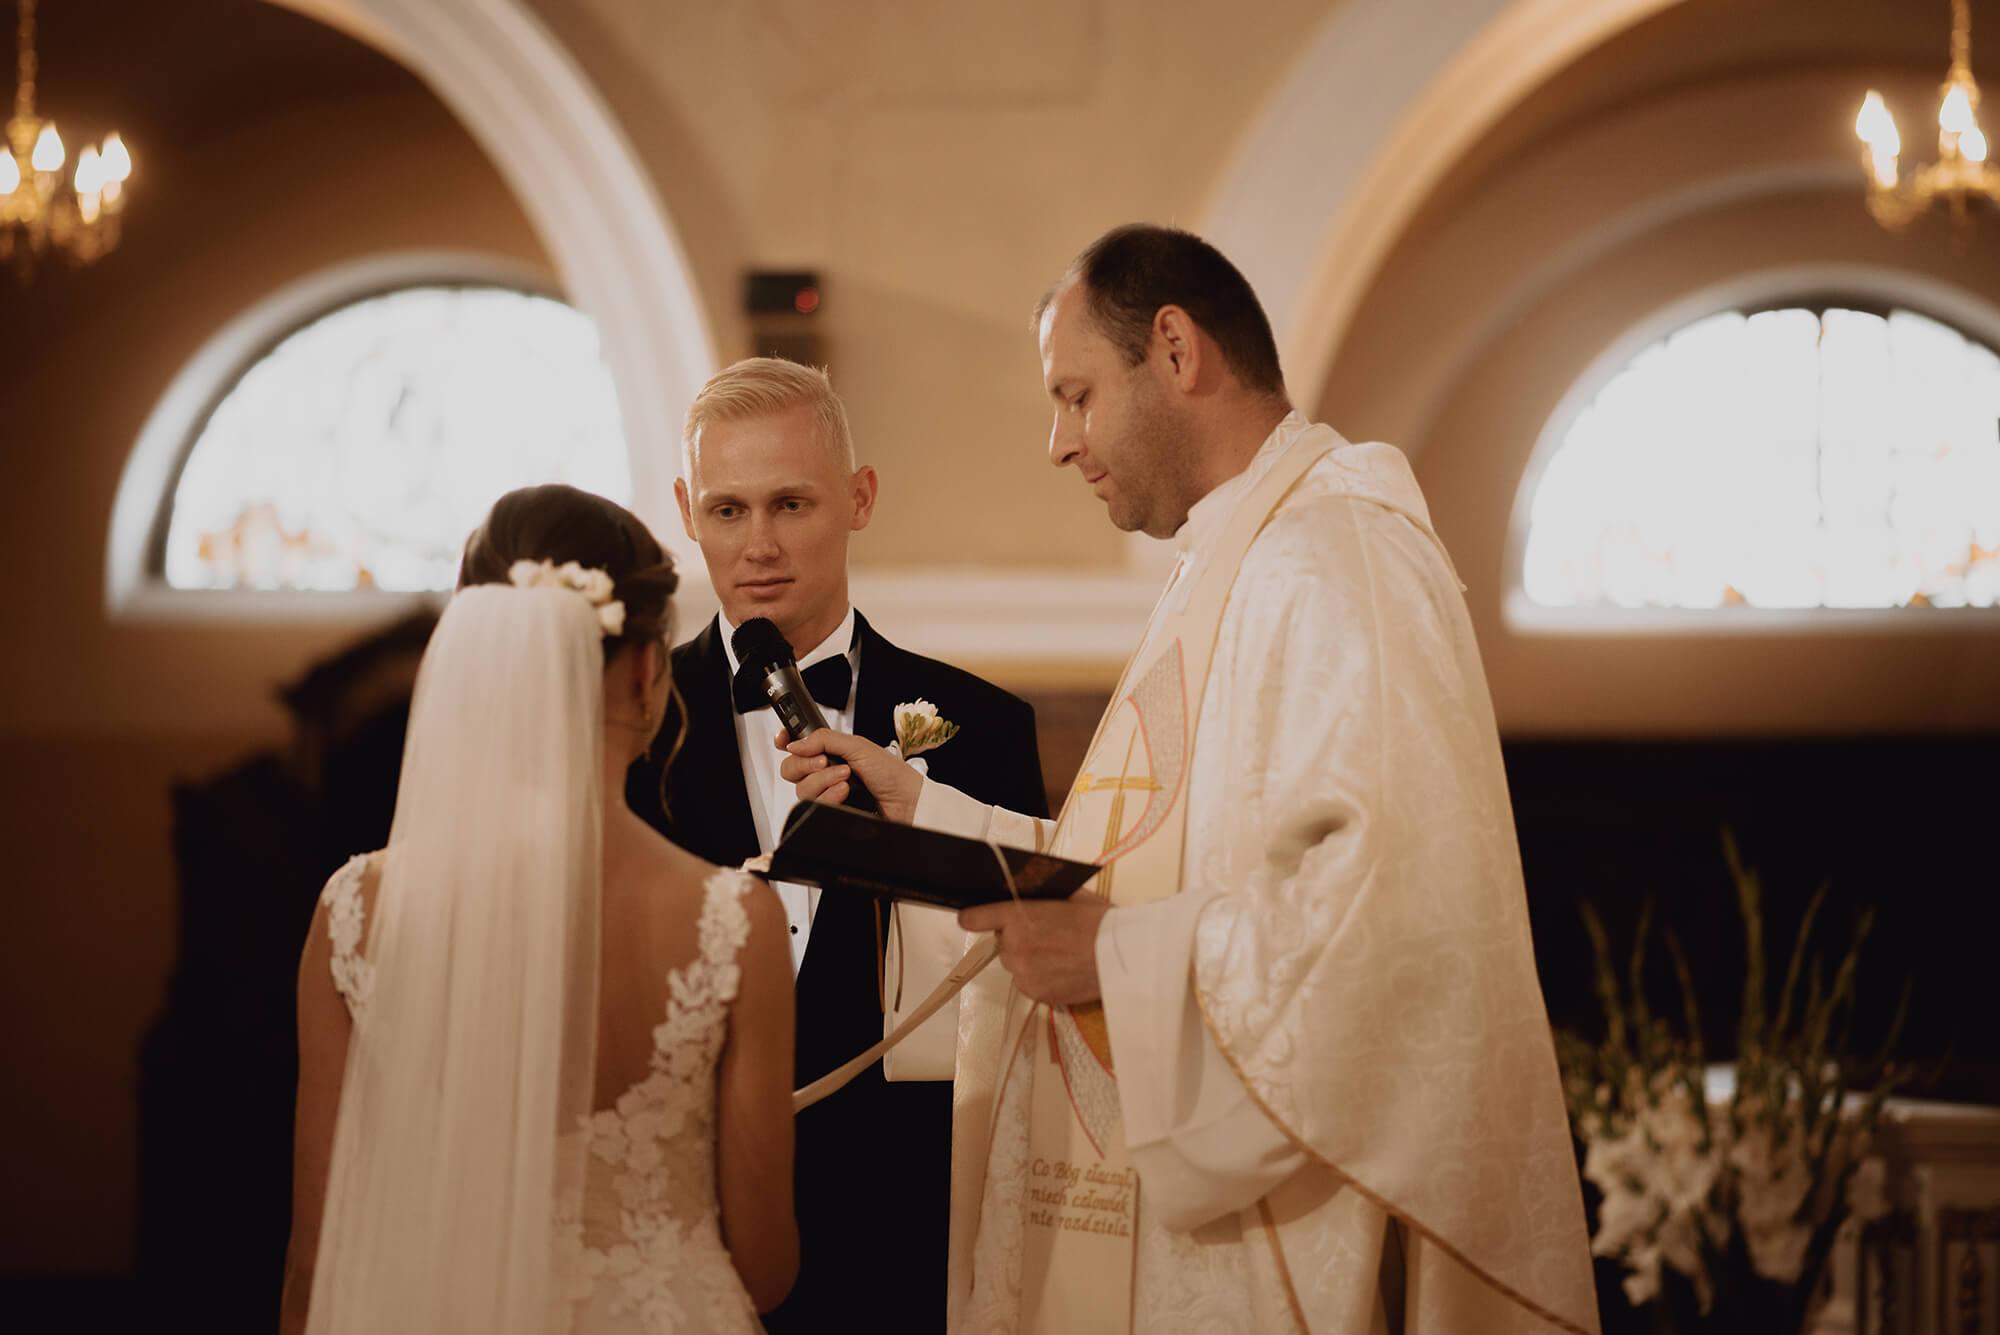 Slub wesele w dworze Hulanka00017 - Ola + Maciej | wesele w Dworze Hulanka